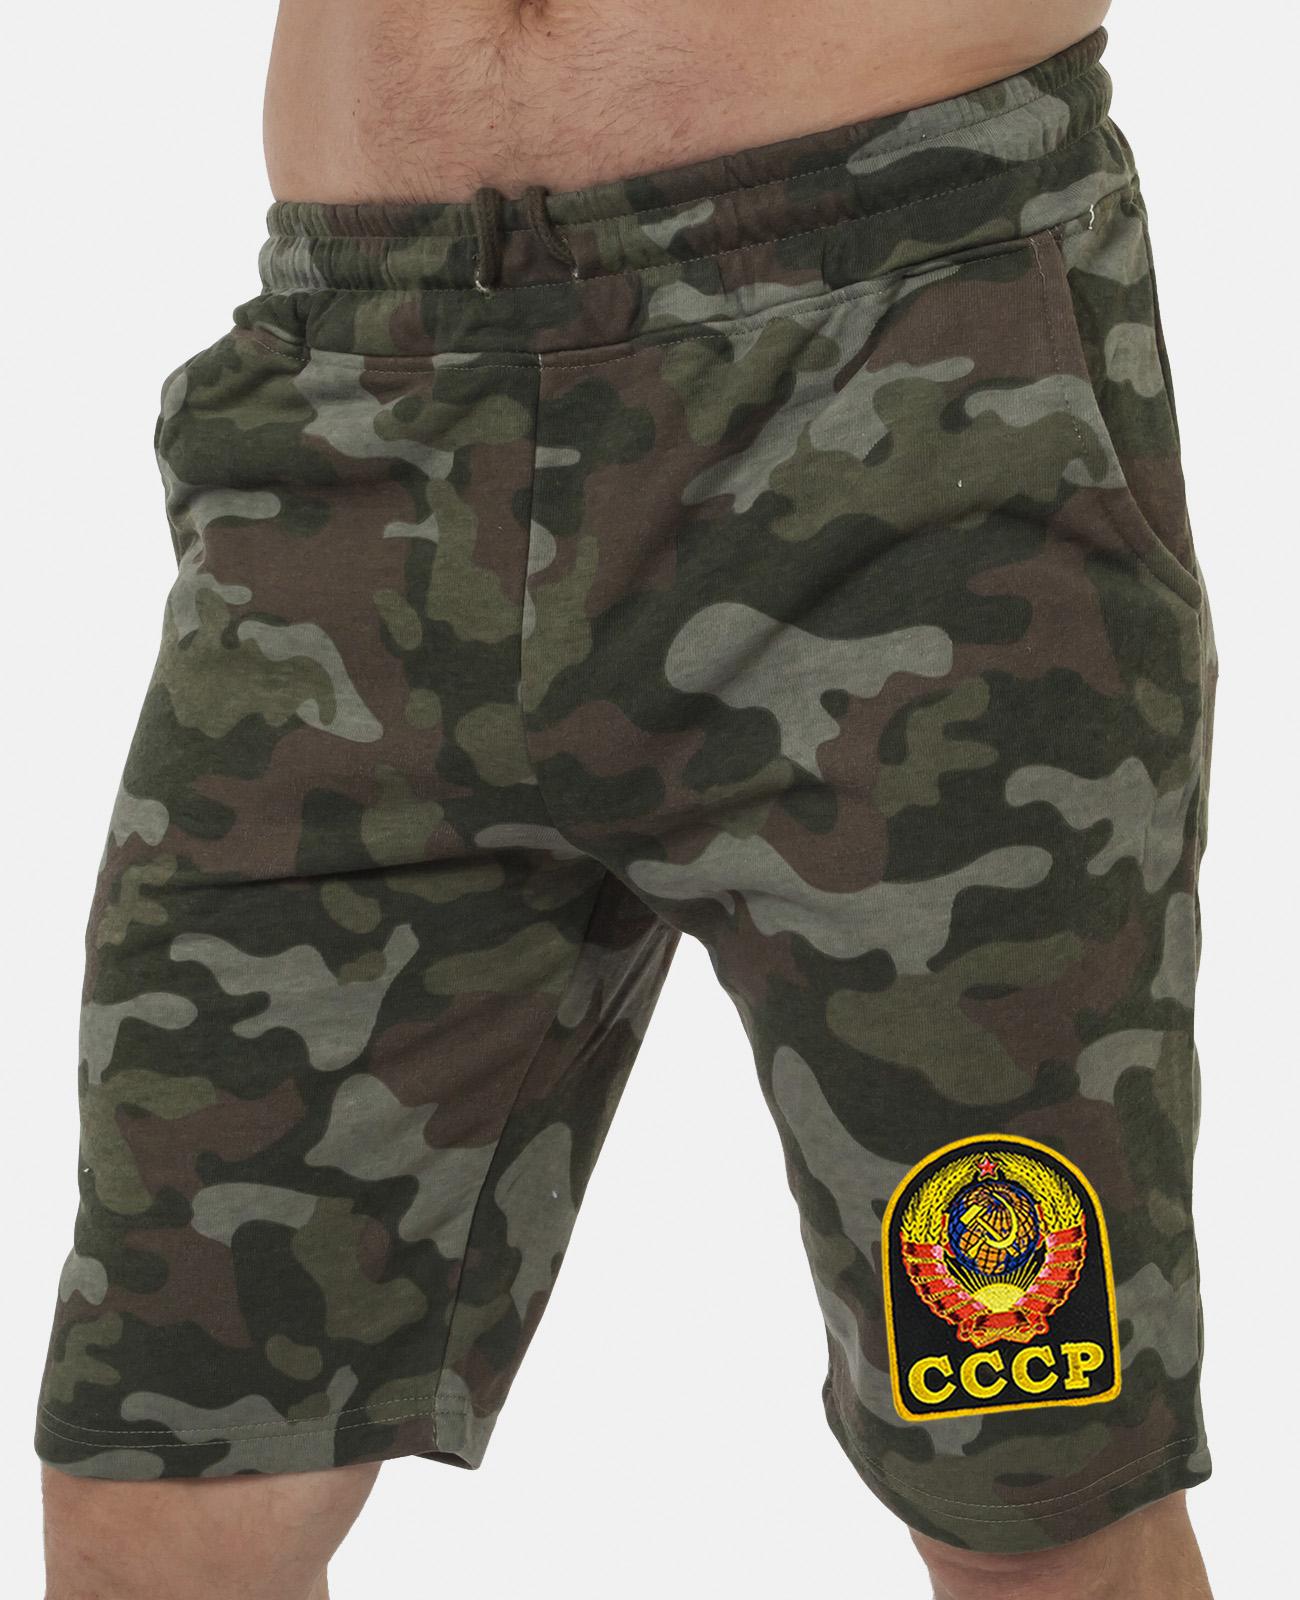 Купить комфортные шорты удлиненного фасона с нашивкой СССР с доставкой в любой город